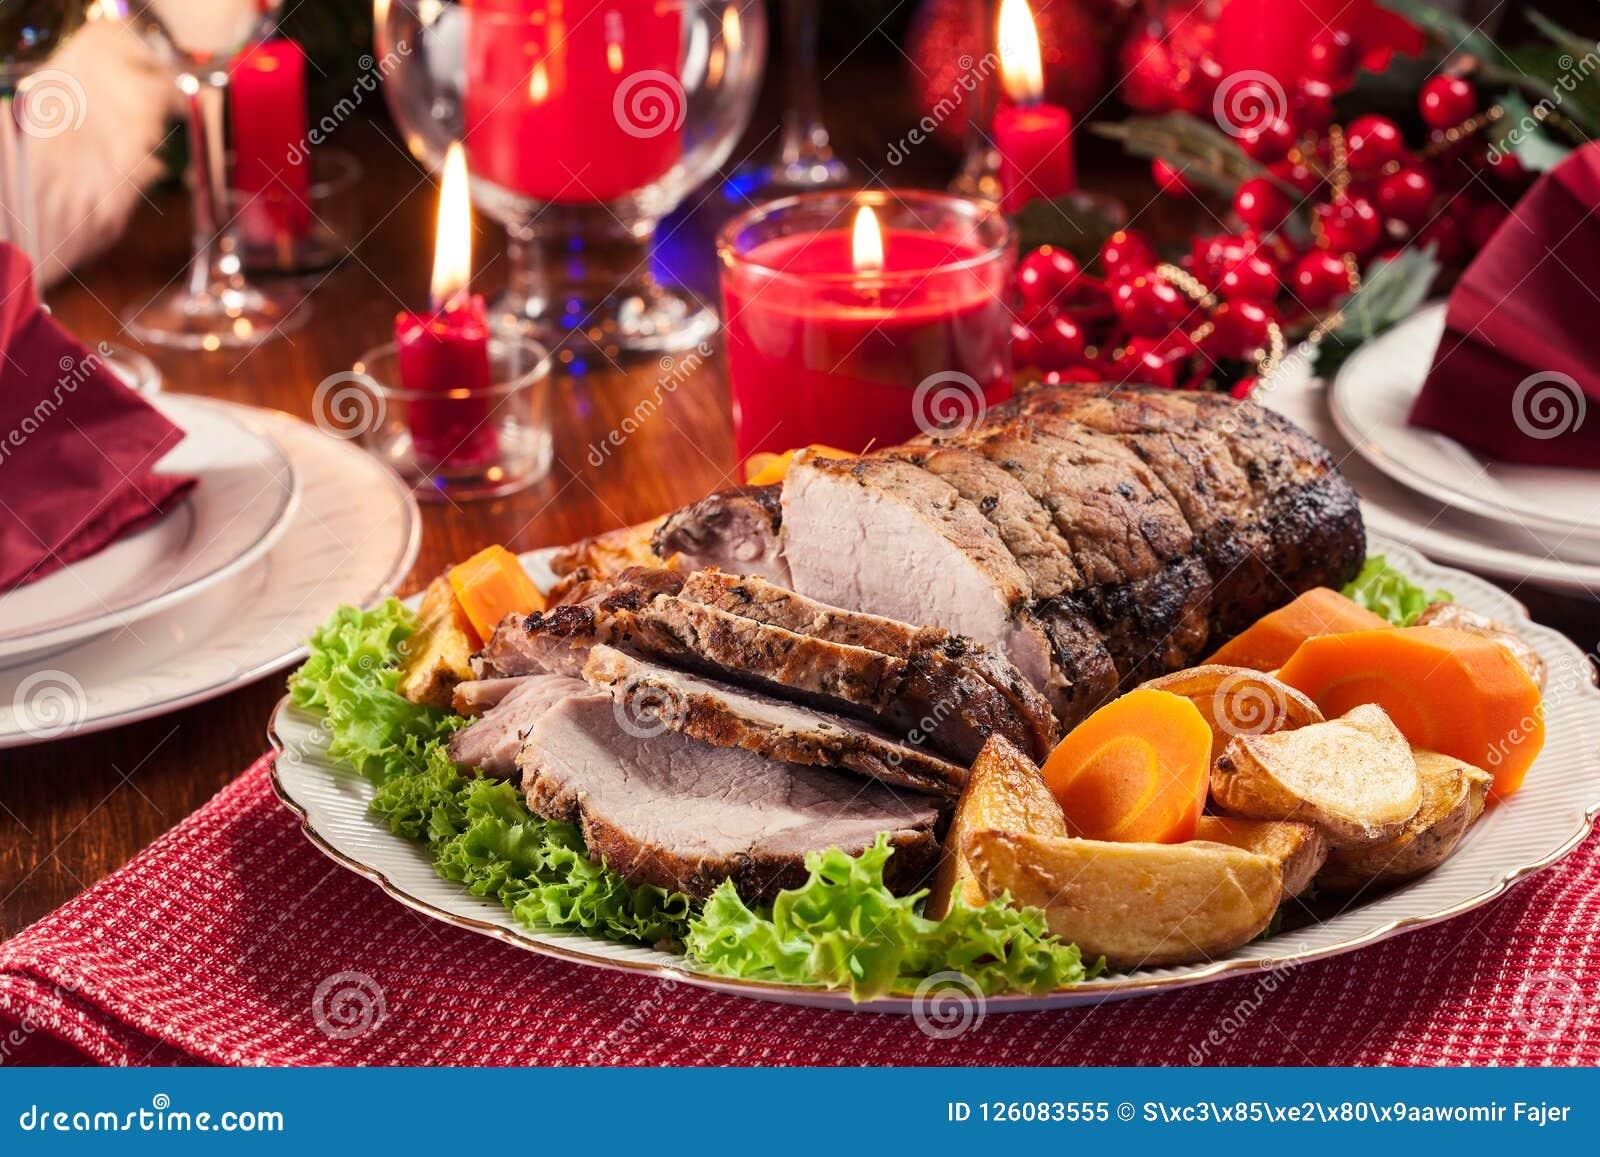 Lombo de carne de porco Roasted com batatas cozidas